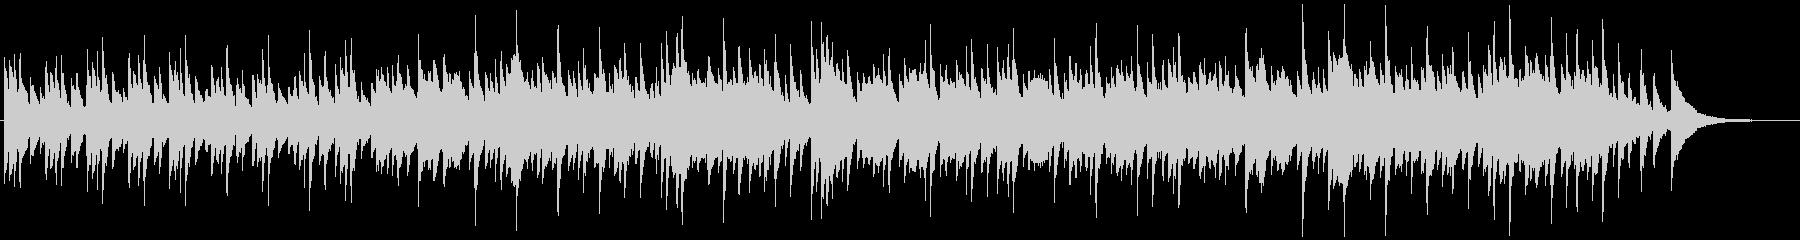 回想シーンっぽいピアノ曲の未再生の波形